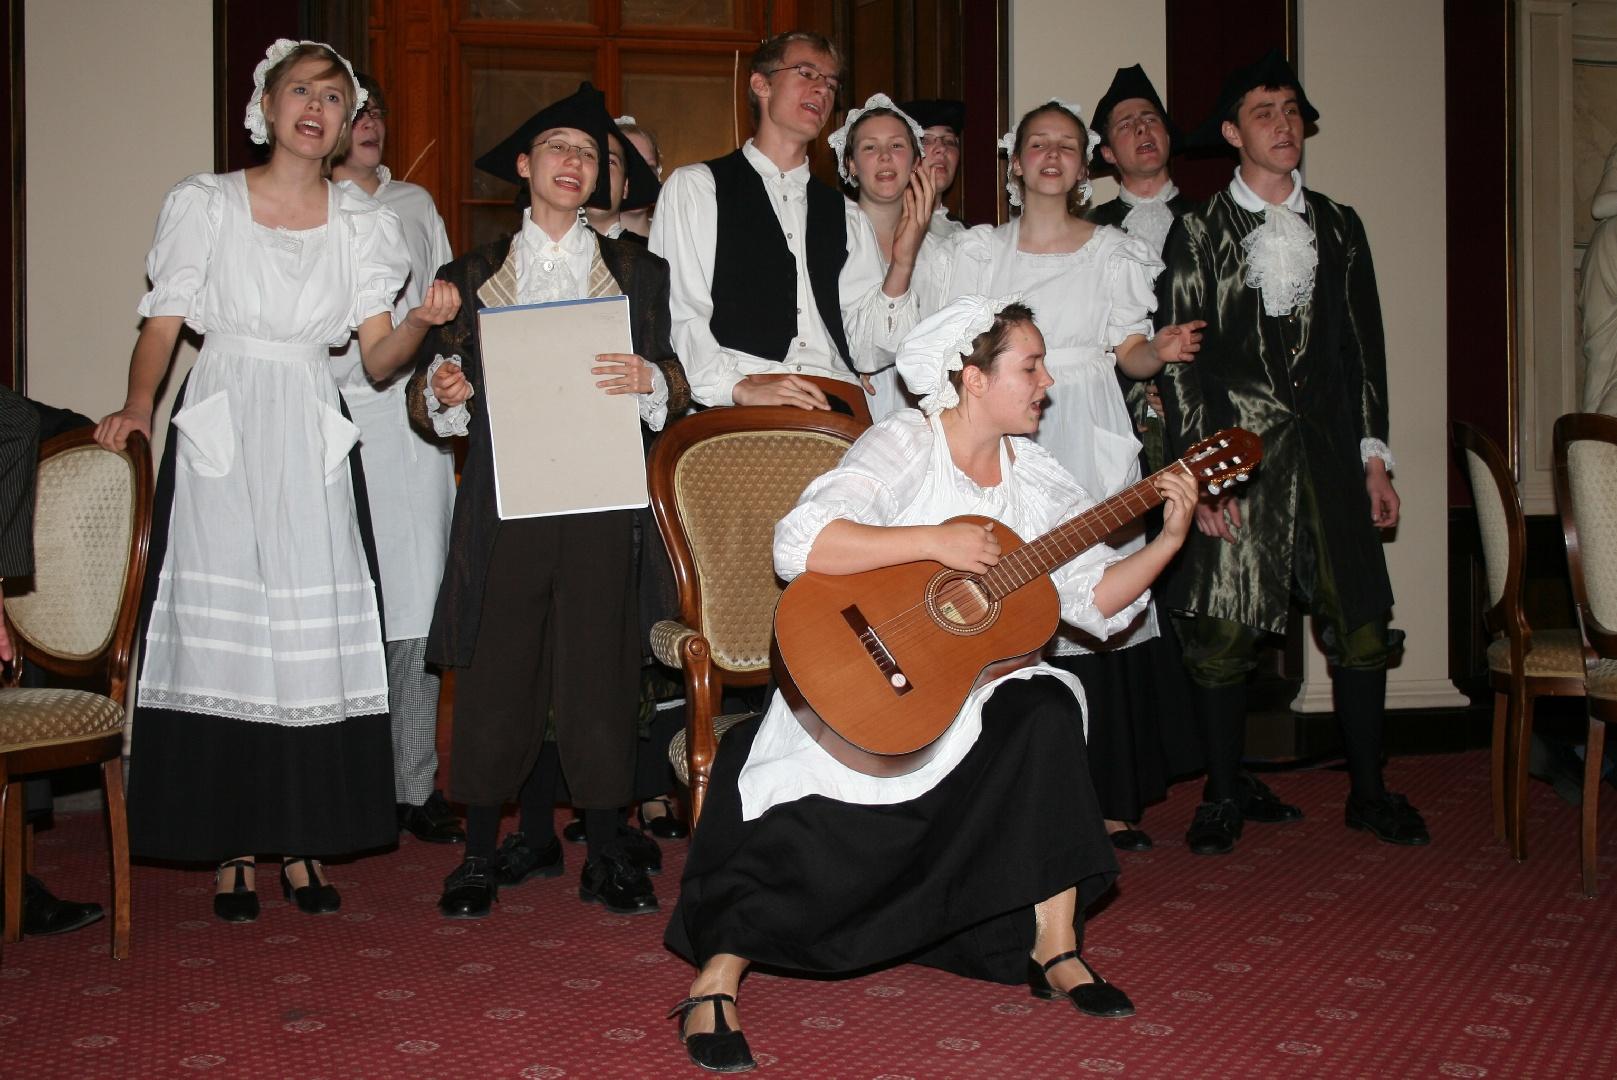 2009-11-08_Martensmannfestschmaus_133